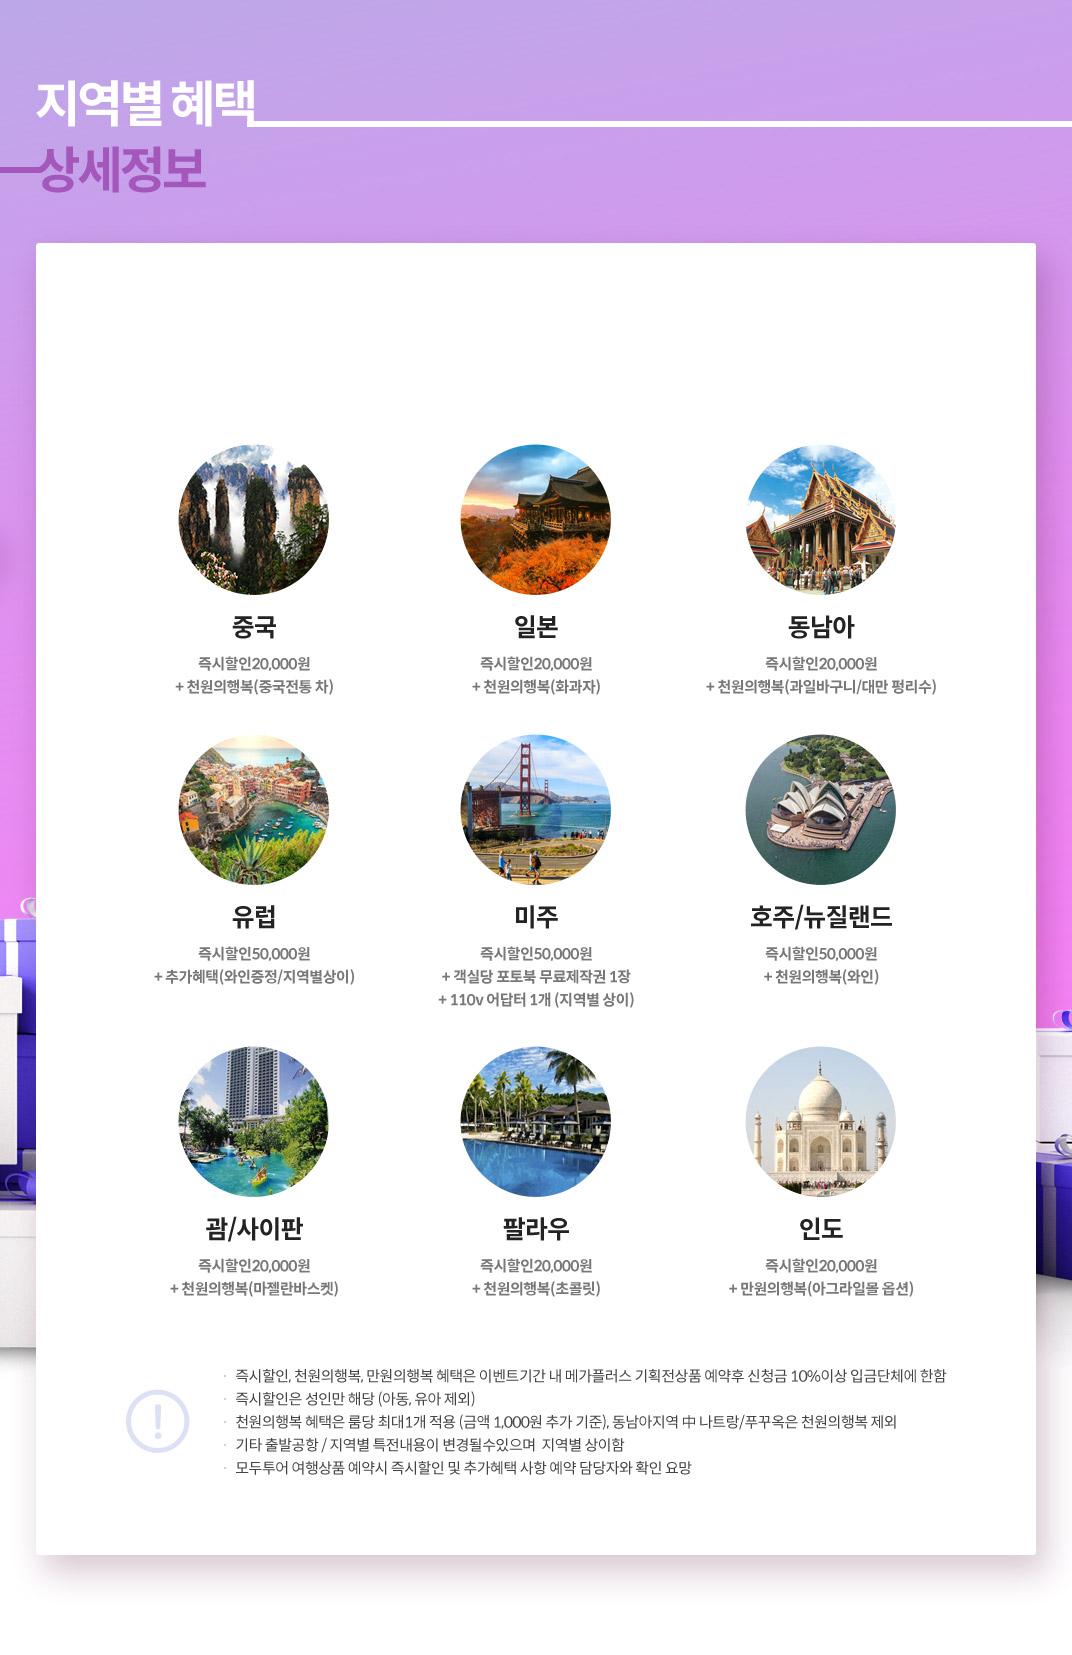 지역별 인천출발 상세정보